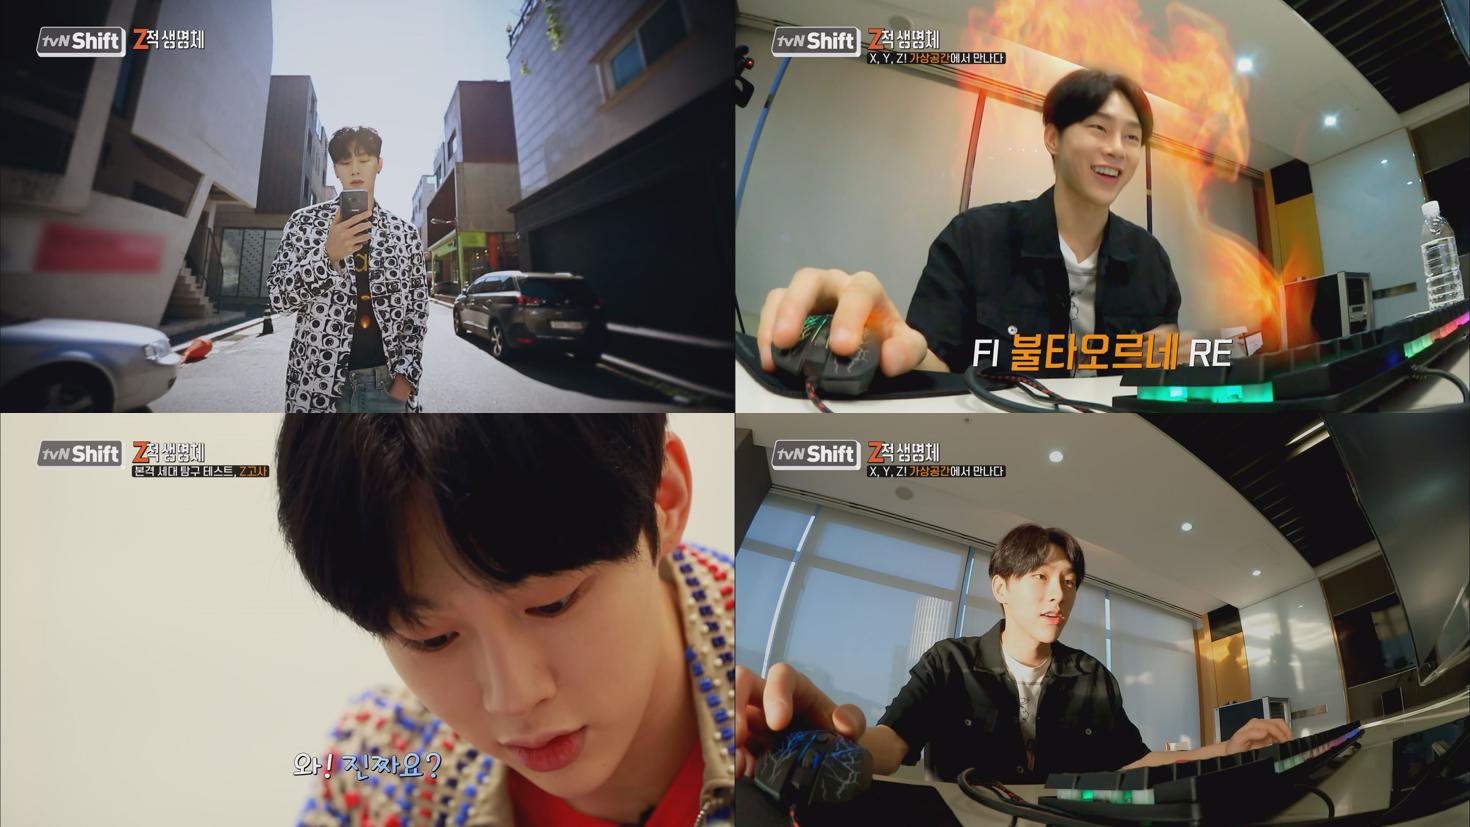 만점 유전자 권현빈의 첫 다큐멘터리, 'tvN Shift' 16일 첫 방송!